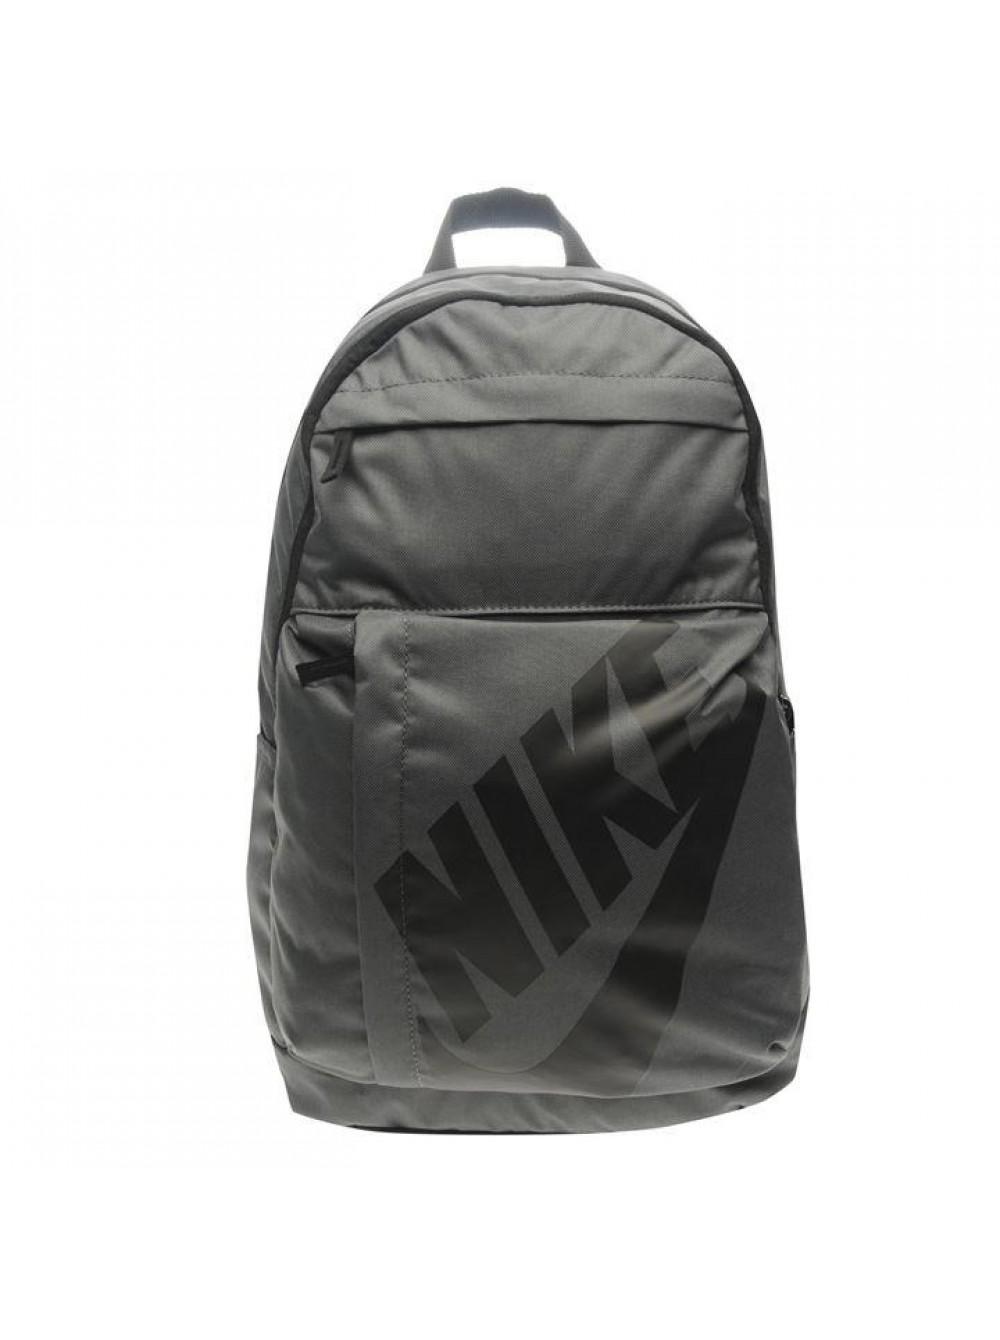 3cfc9fb7 Nike Elemental - Купить молодежный рюкзак Украина